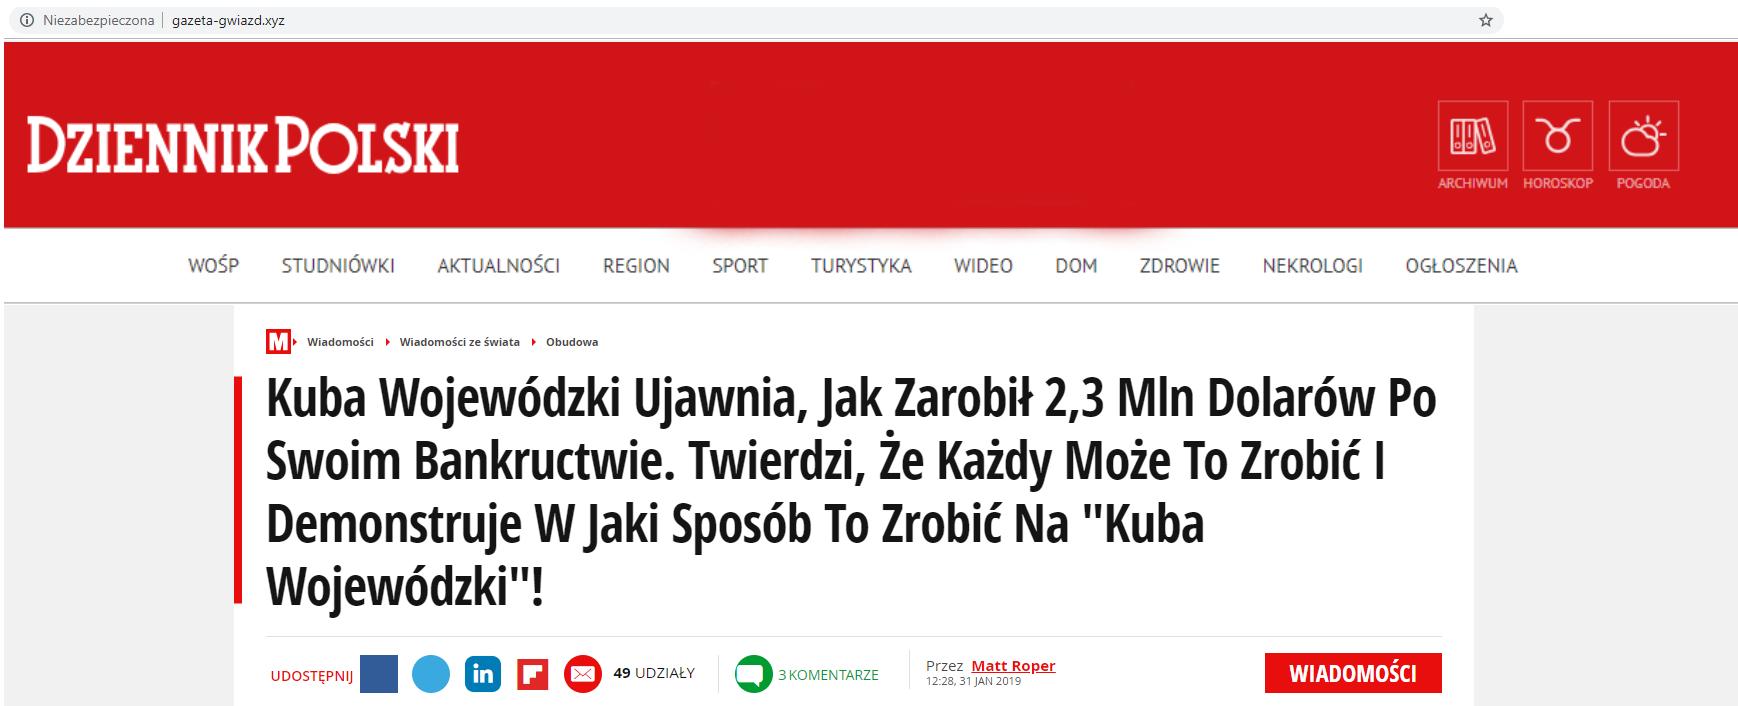 """Strona podszywająca się pod """"Dziennik Polski"""" z fałszywym adresem"""